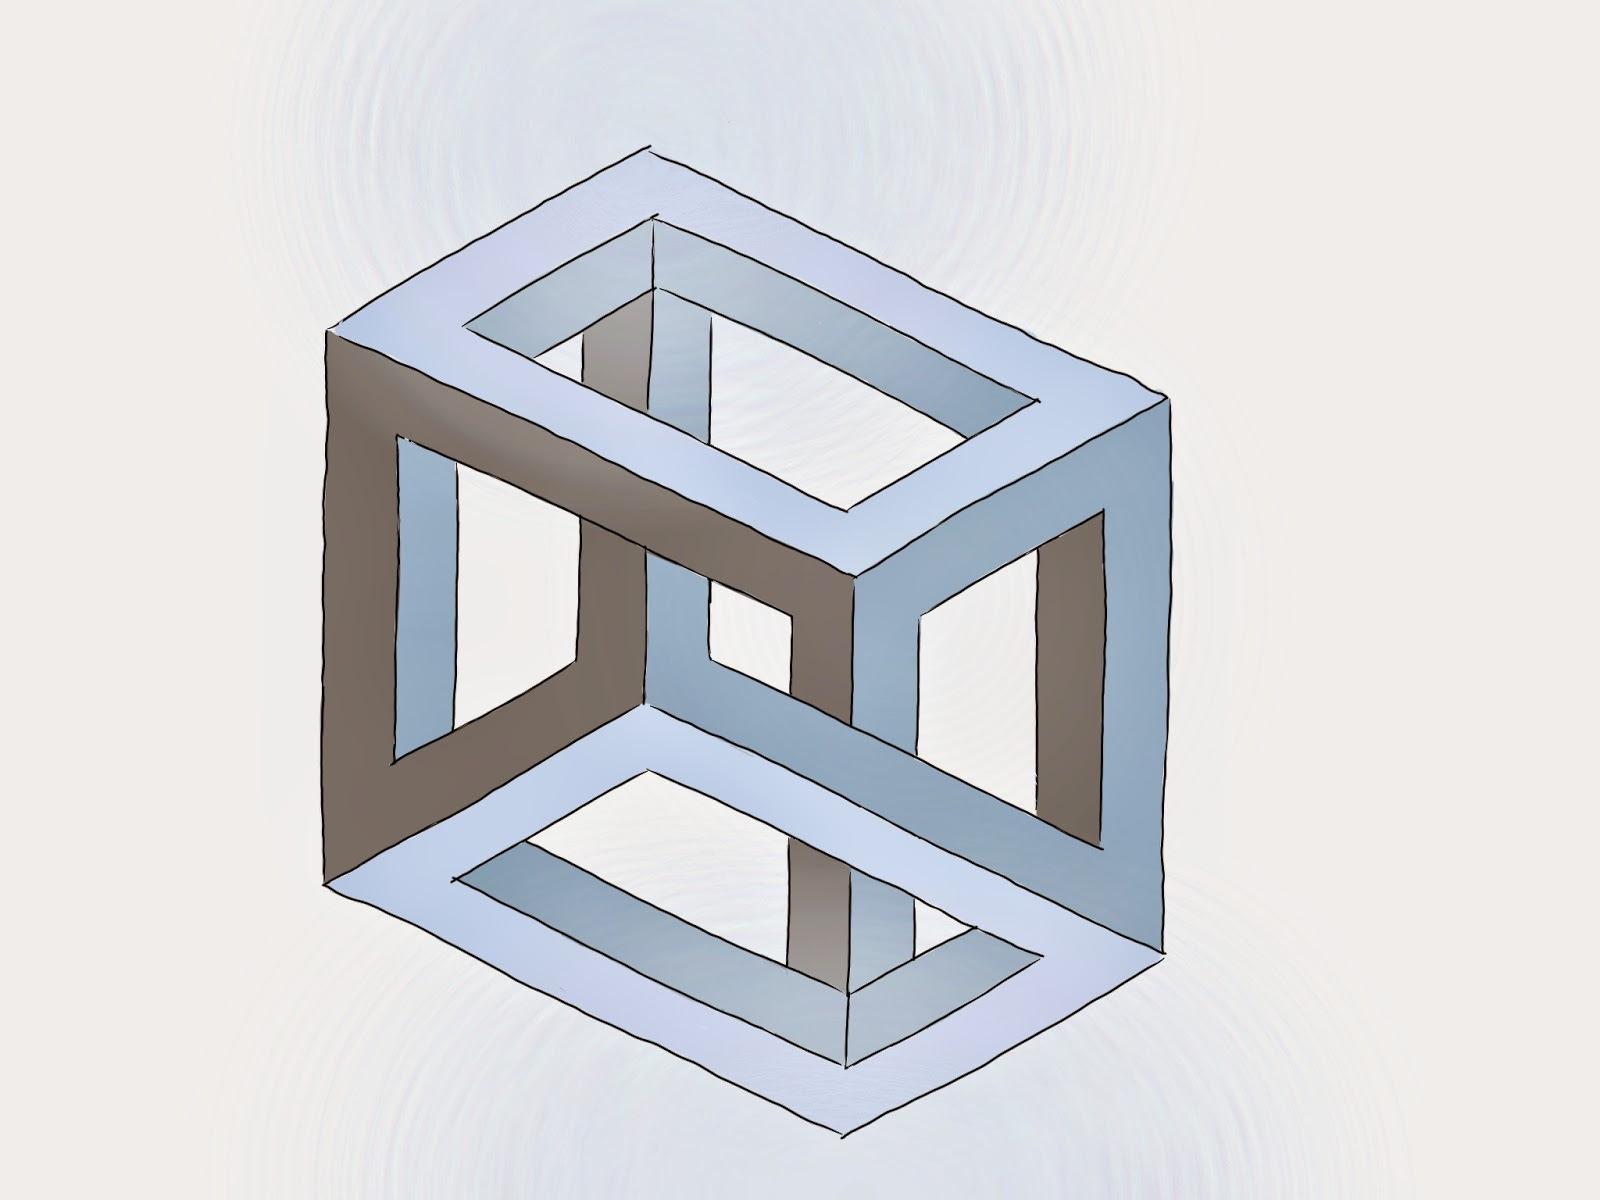 нашей несуществующие геометрические фигуры картинки только после визита